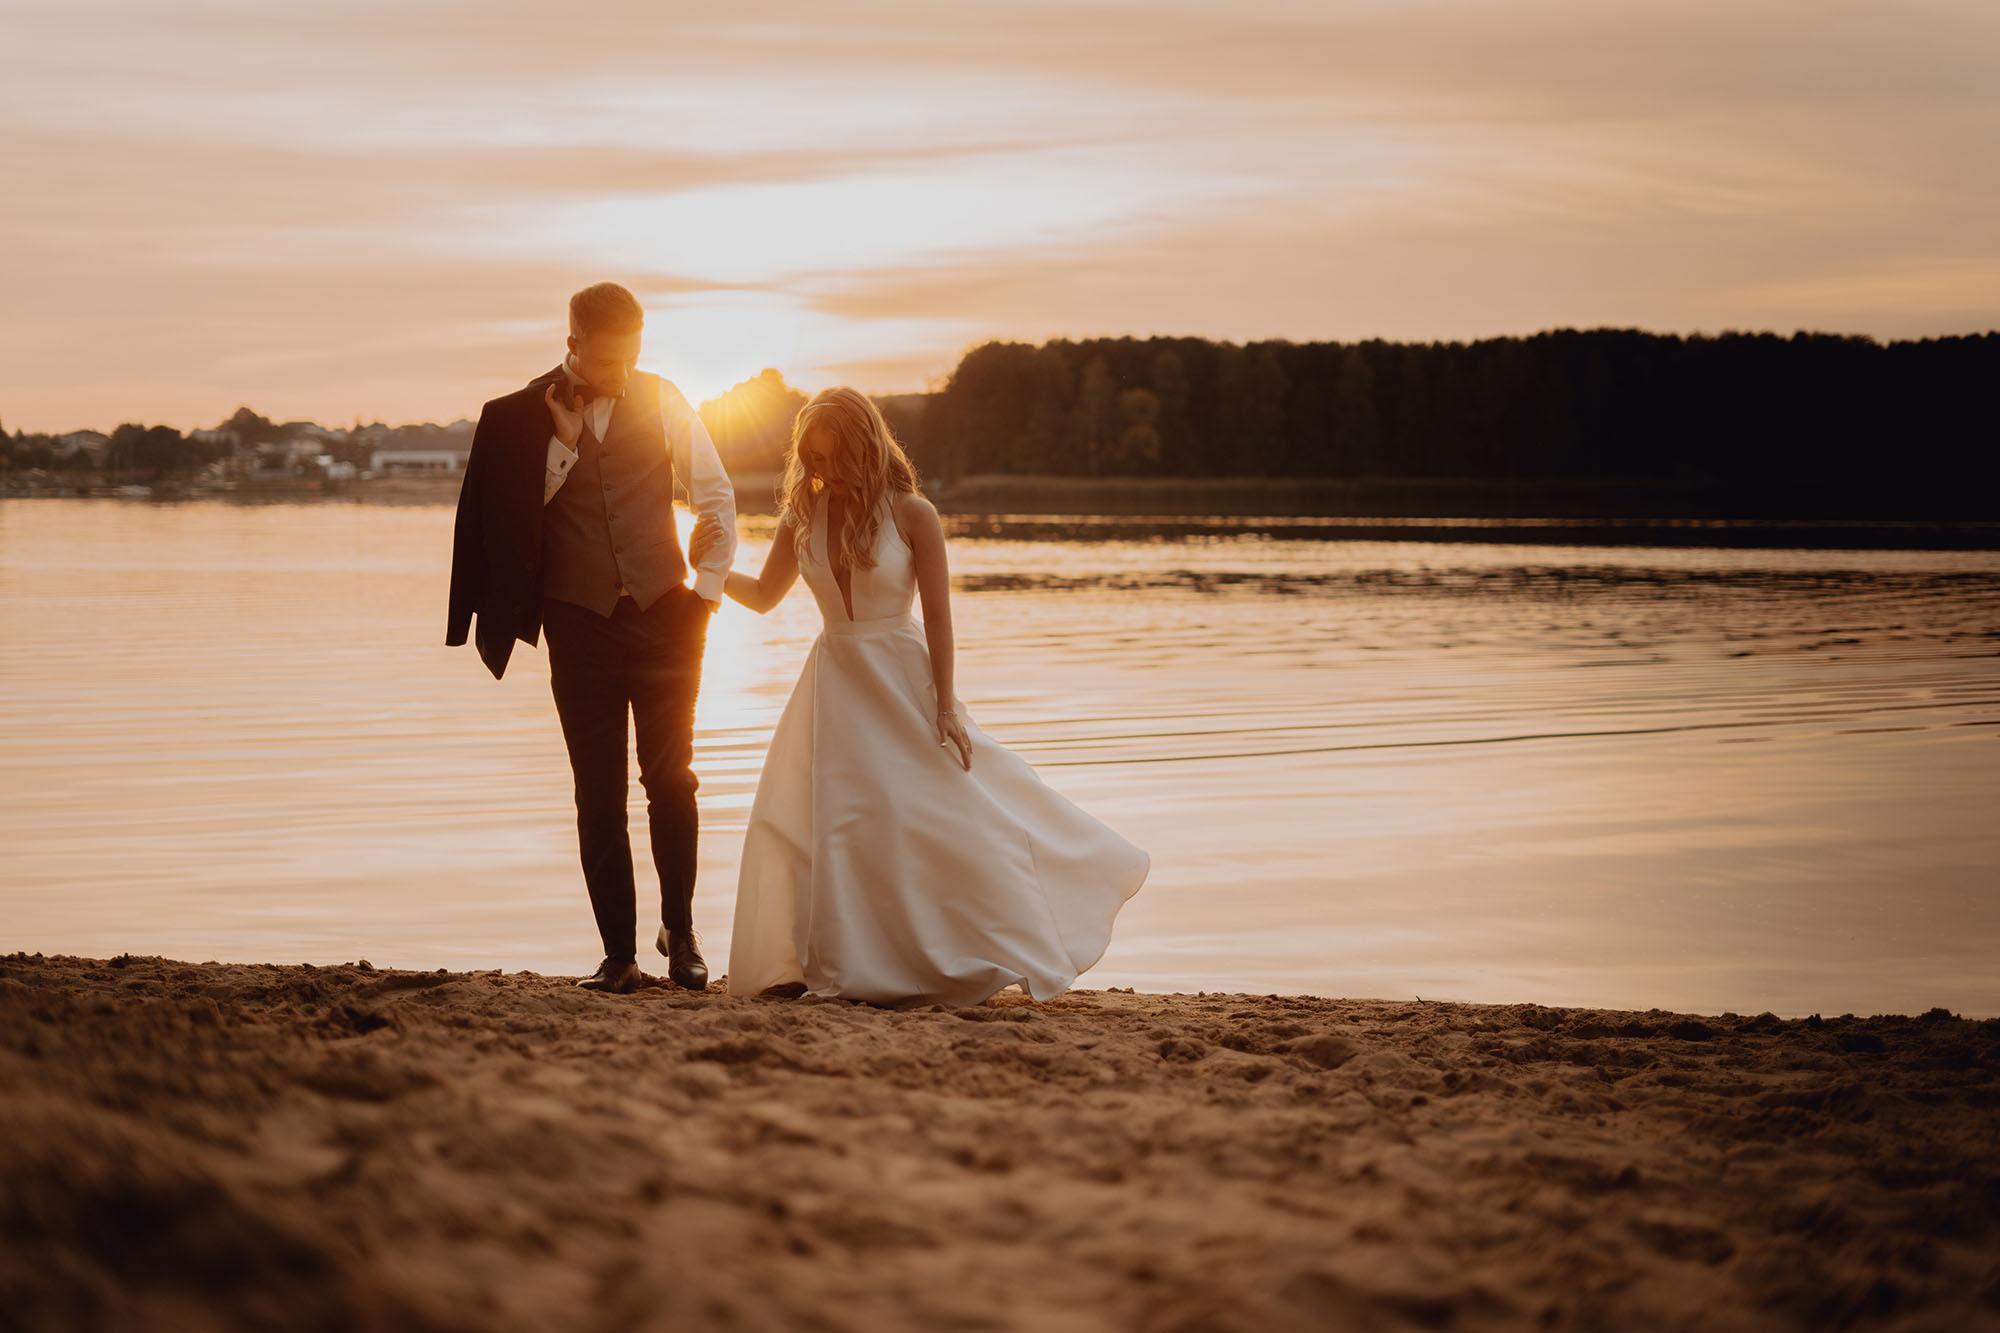 sesja slubna o zachodzie slonca00039 - Plener ślubny o zachodzie słońca